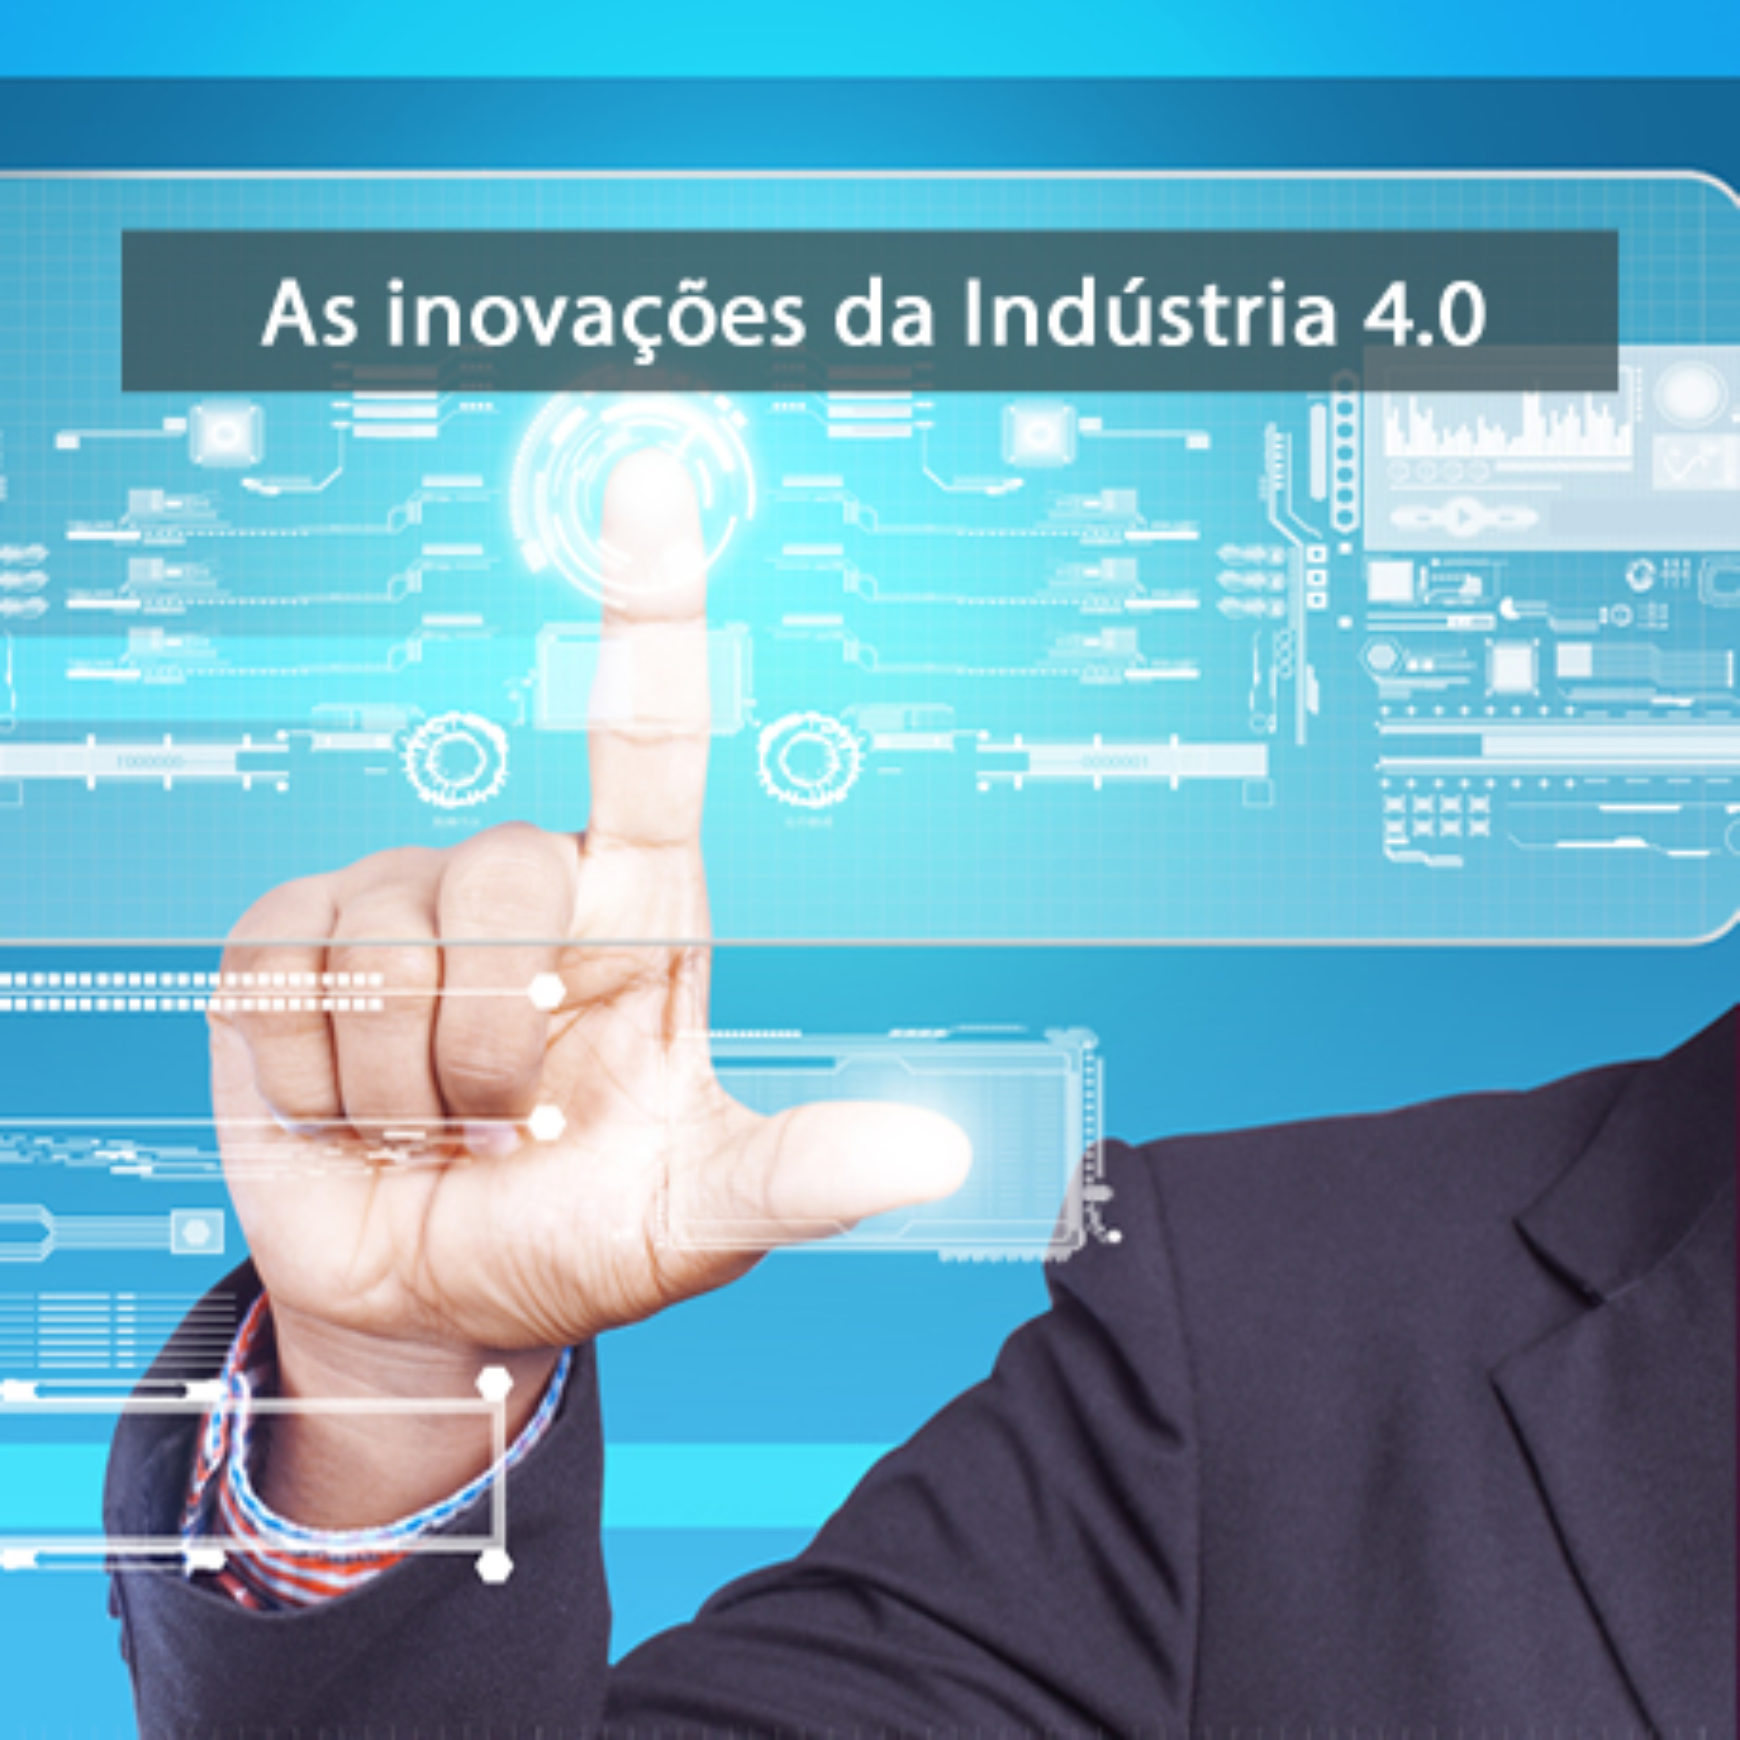 As inovações da Indústria 4.0